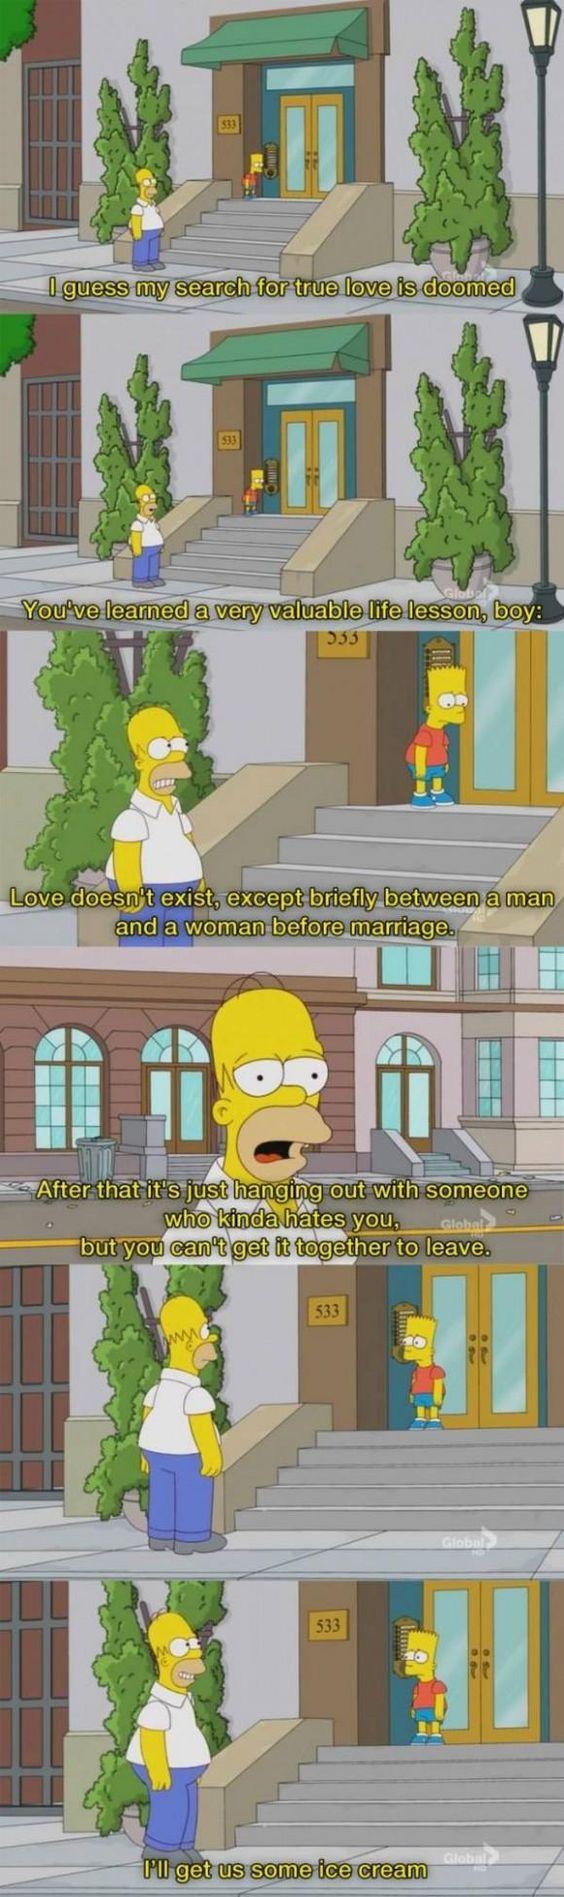 The Simpson's harsh truth